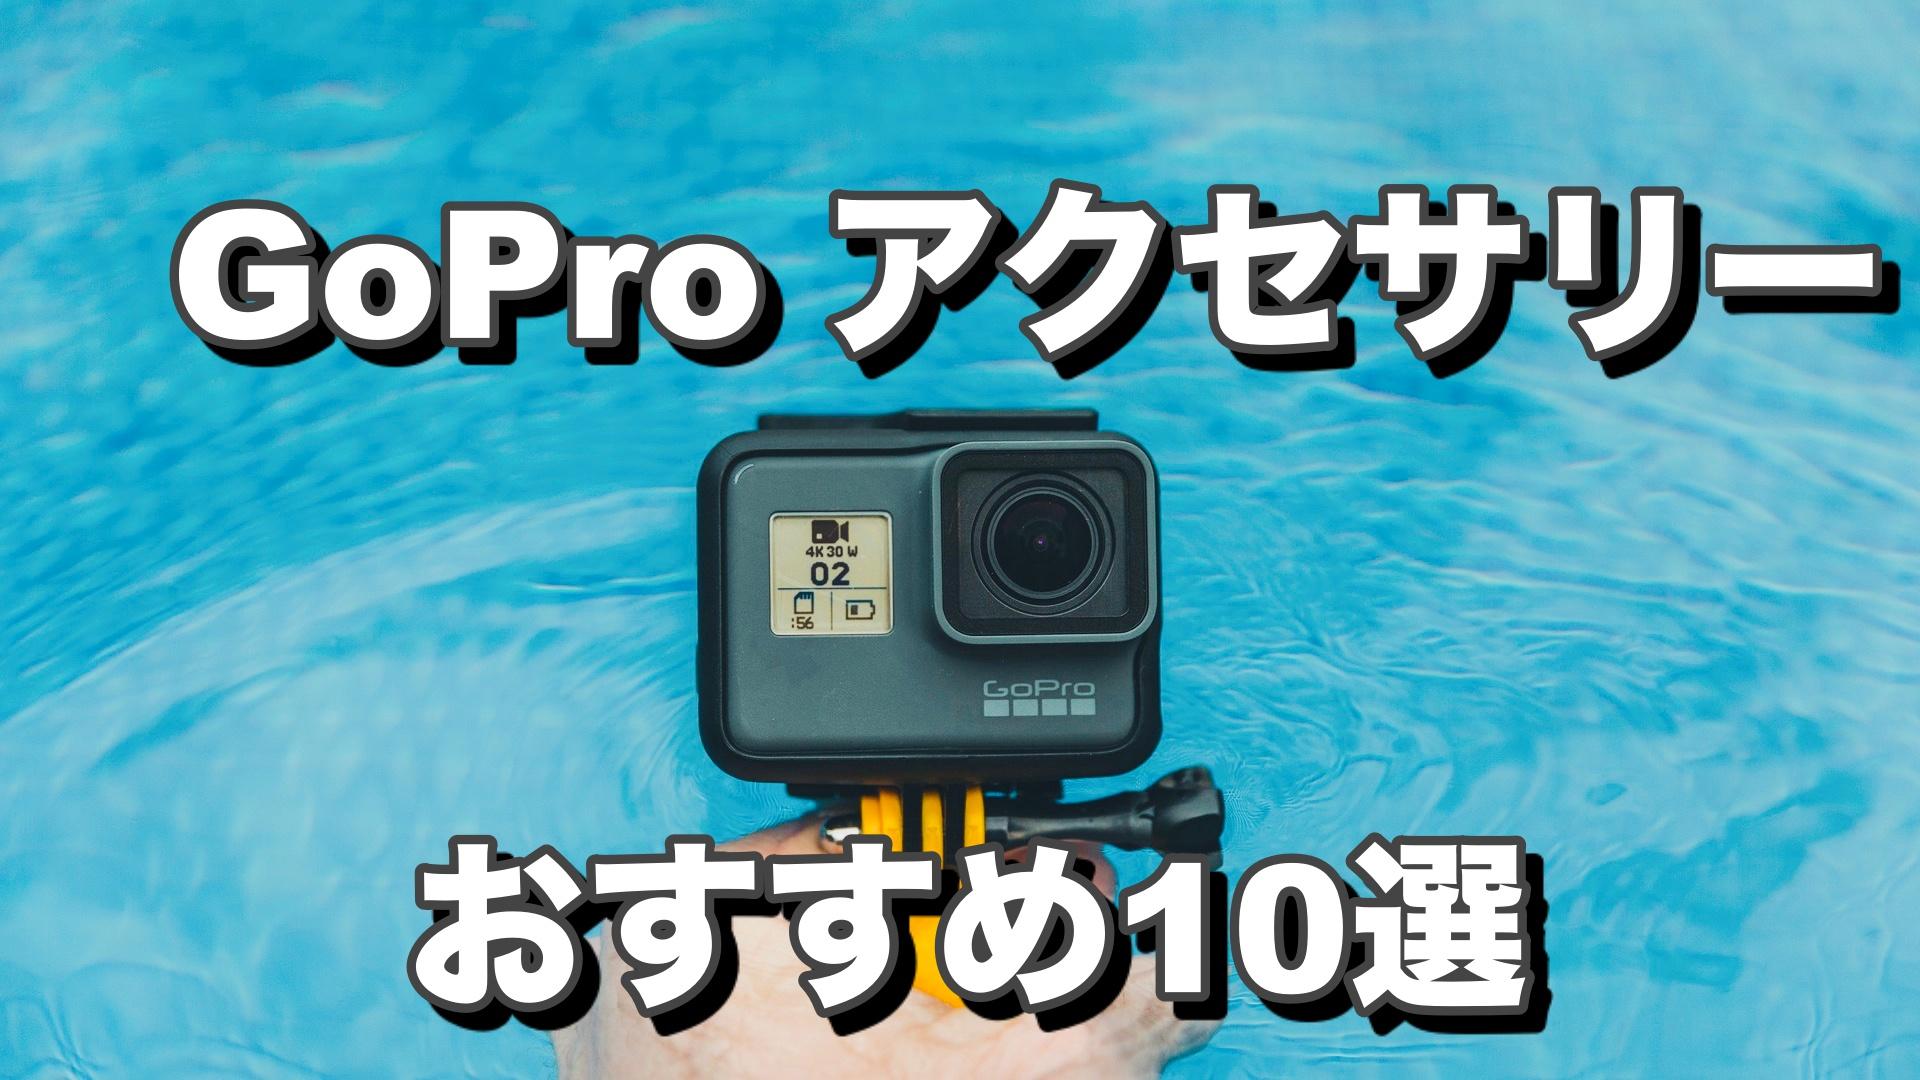 【楽しさ10倍】GoProと一緒に使いたいアクセサリー【おすすめ10選】